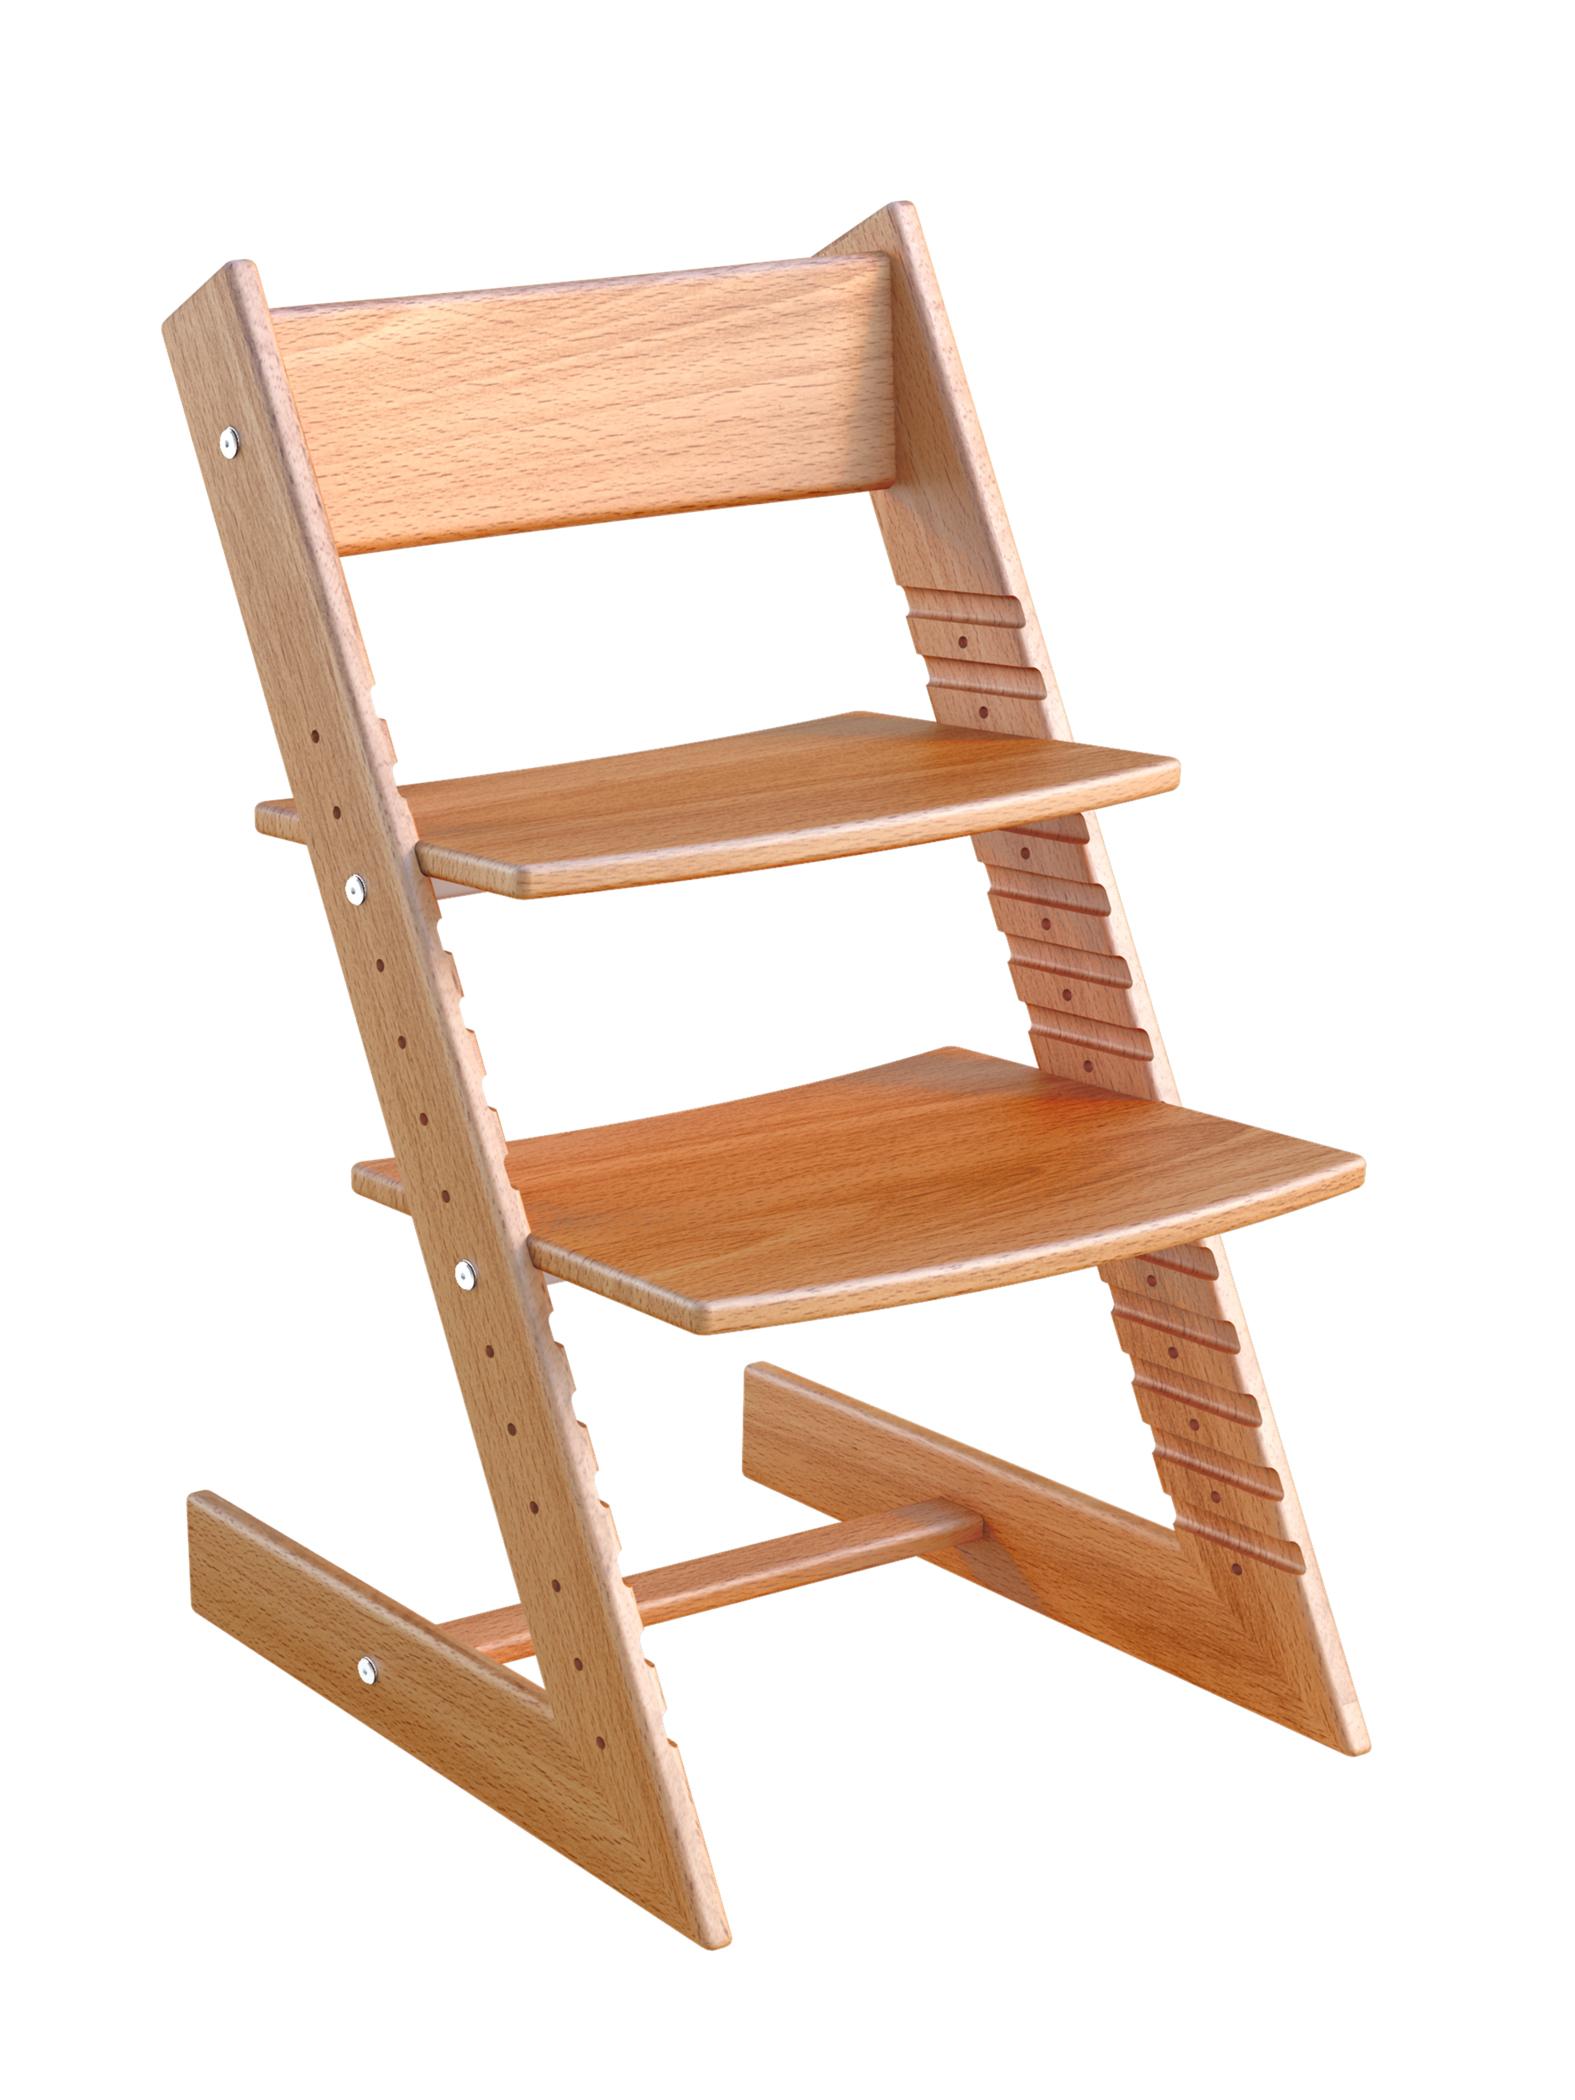 Купить Детский растущий стул из бука Конёк Горбунёк Массив бука Светлый бук, Детский растущий стул из бука Конёк Горбунёк (цвет каркаса: светлый бук), Конек Горбунек,